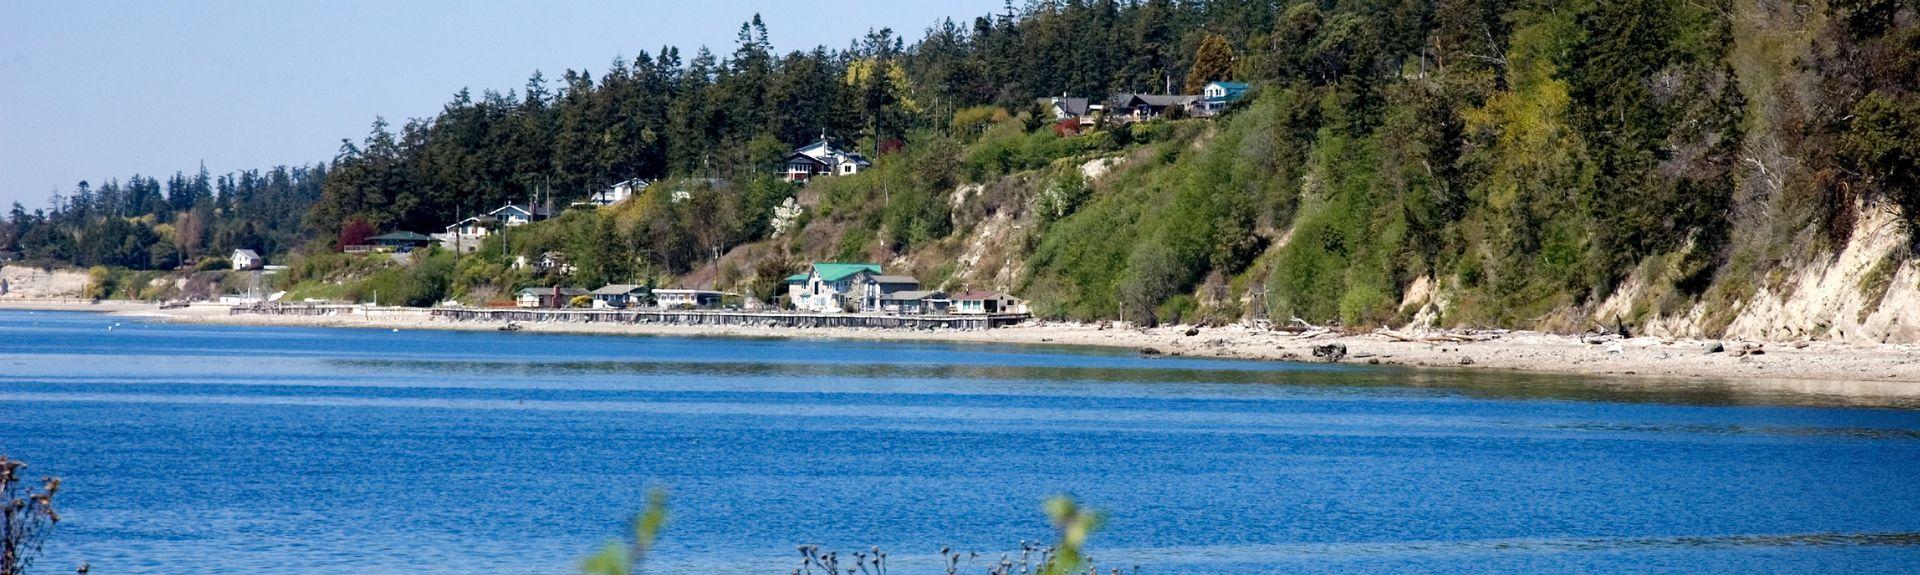 Camano Island, Washington, United States of America